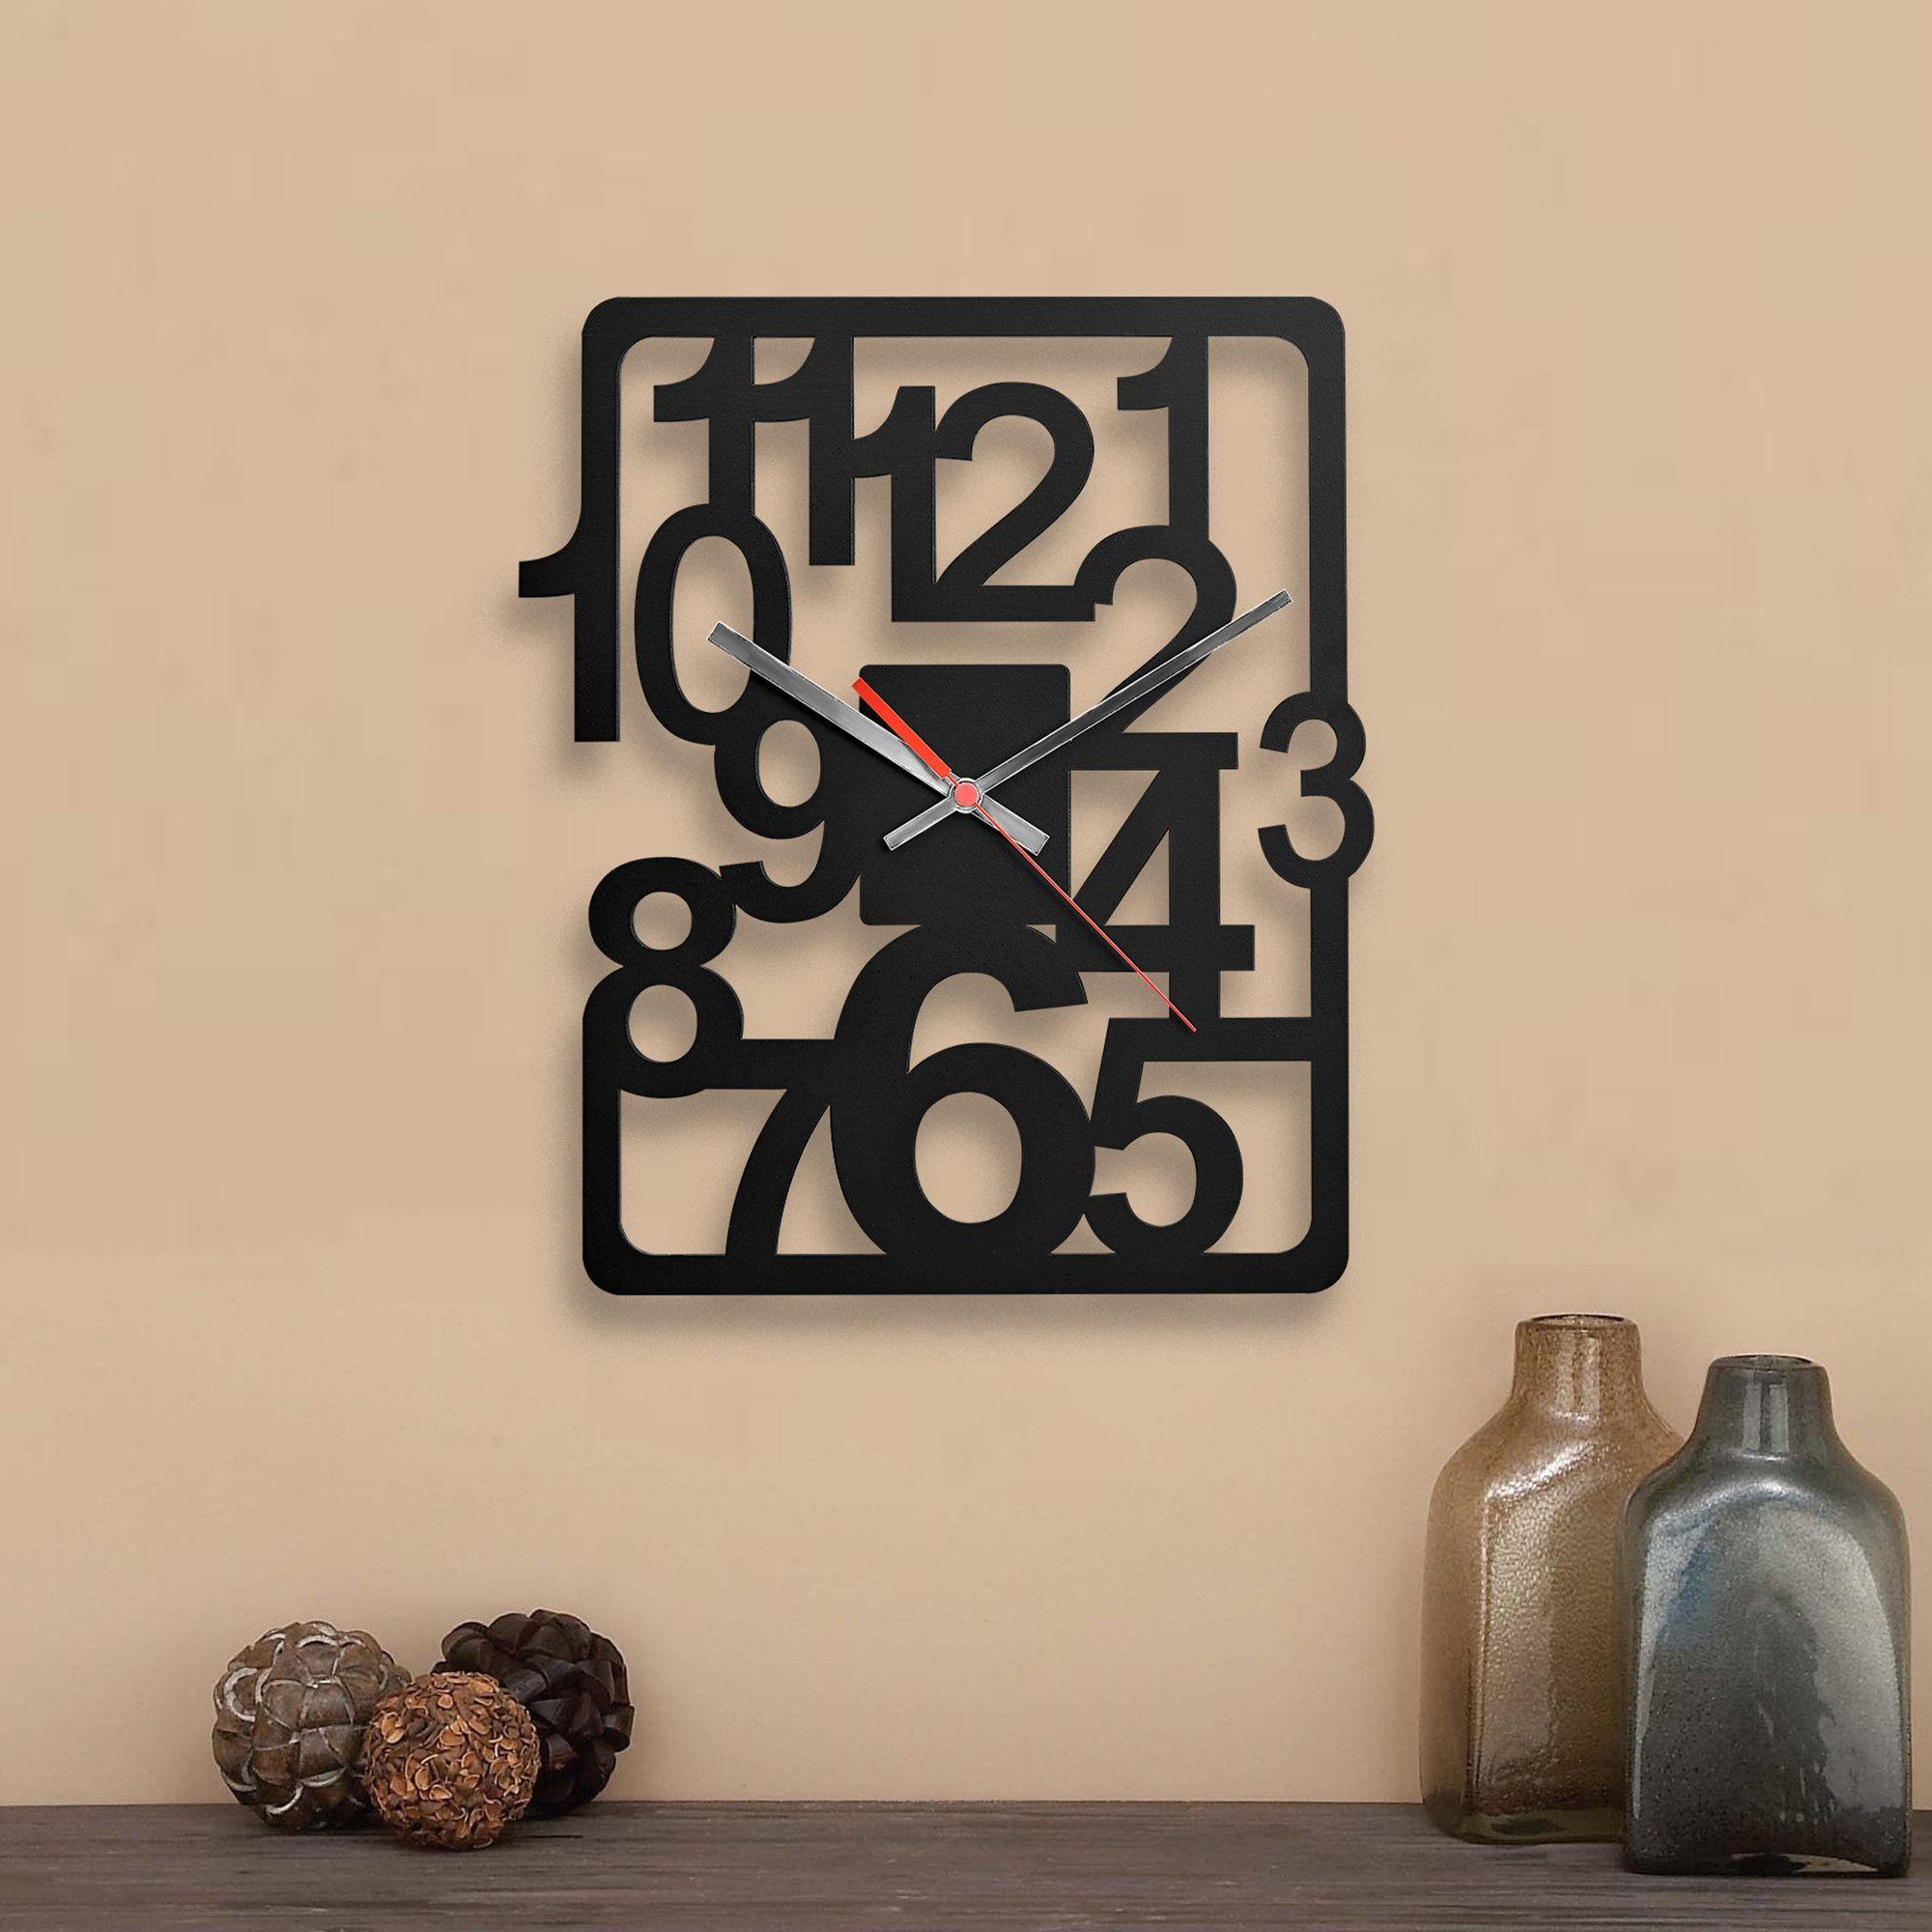 Industrial Wall Clock Kitchen Wall Clock Decorative Wall Clock Numbers Wall Clock Silent Wall In 2020 Clock Wall Decor Wood Wall Clock Office Wall Clock